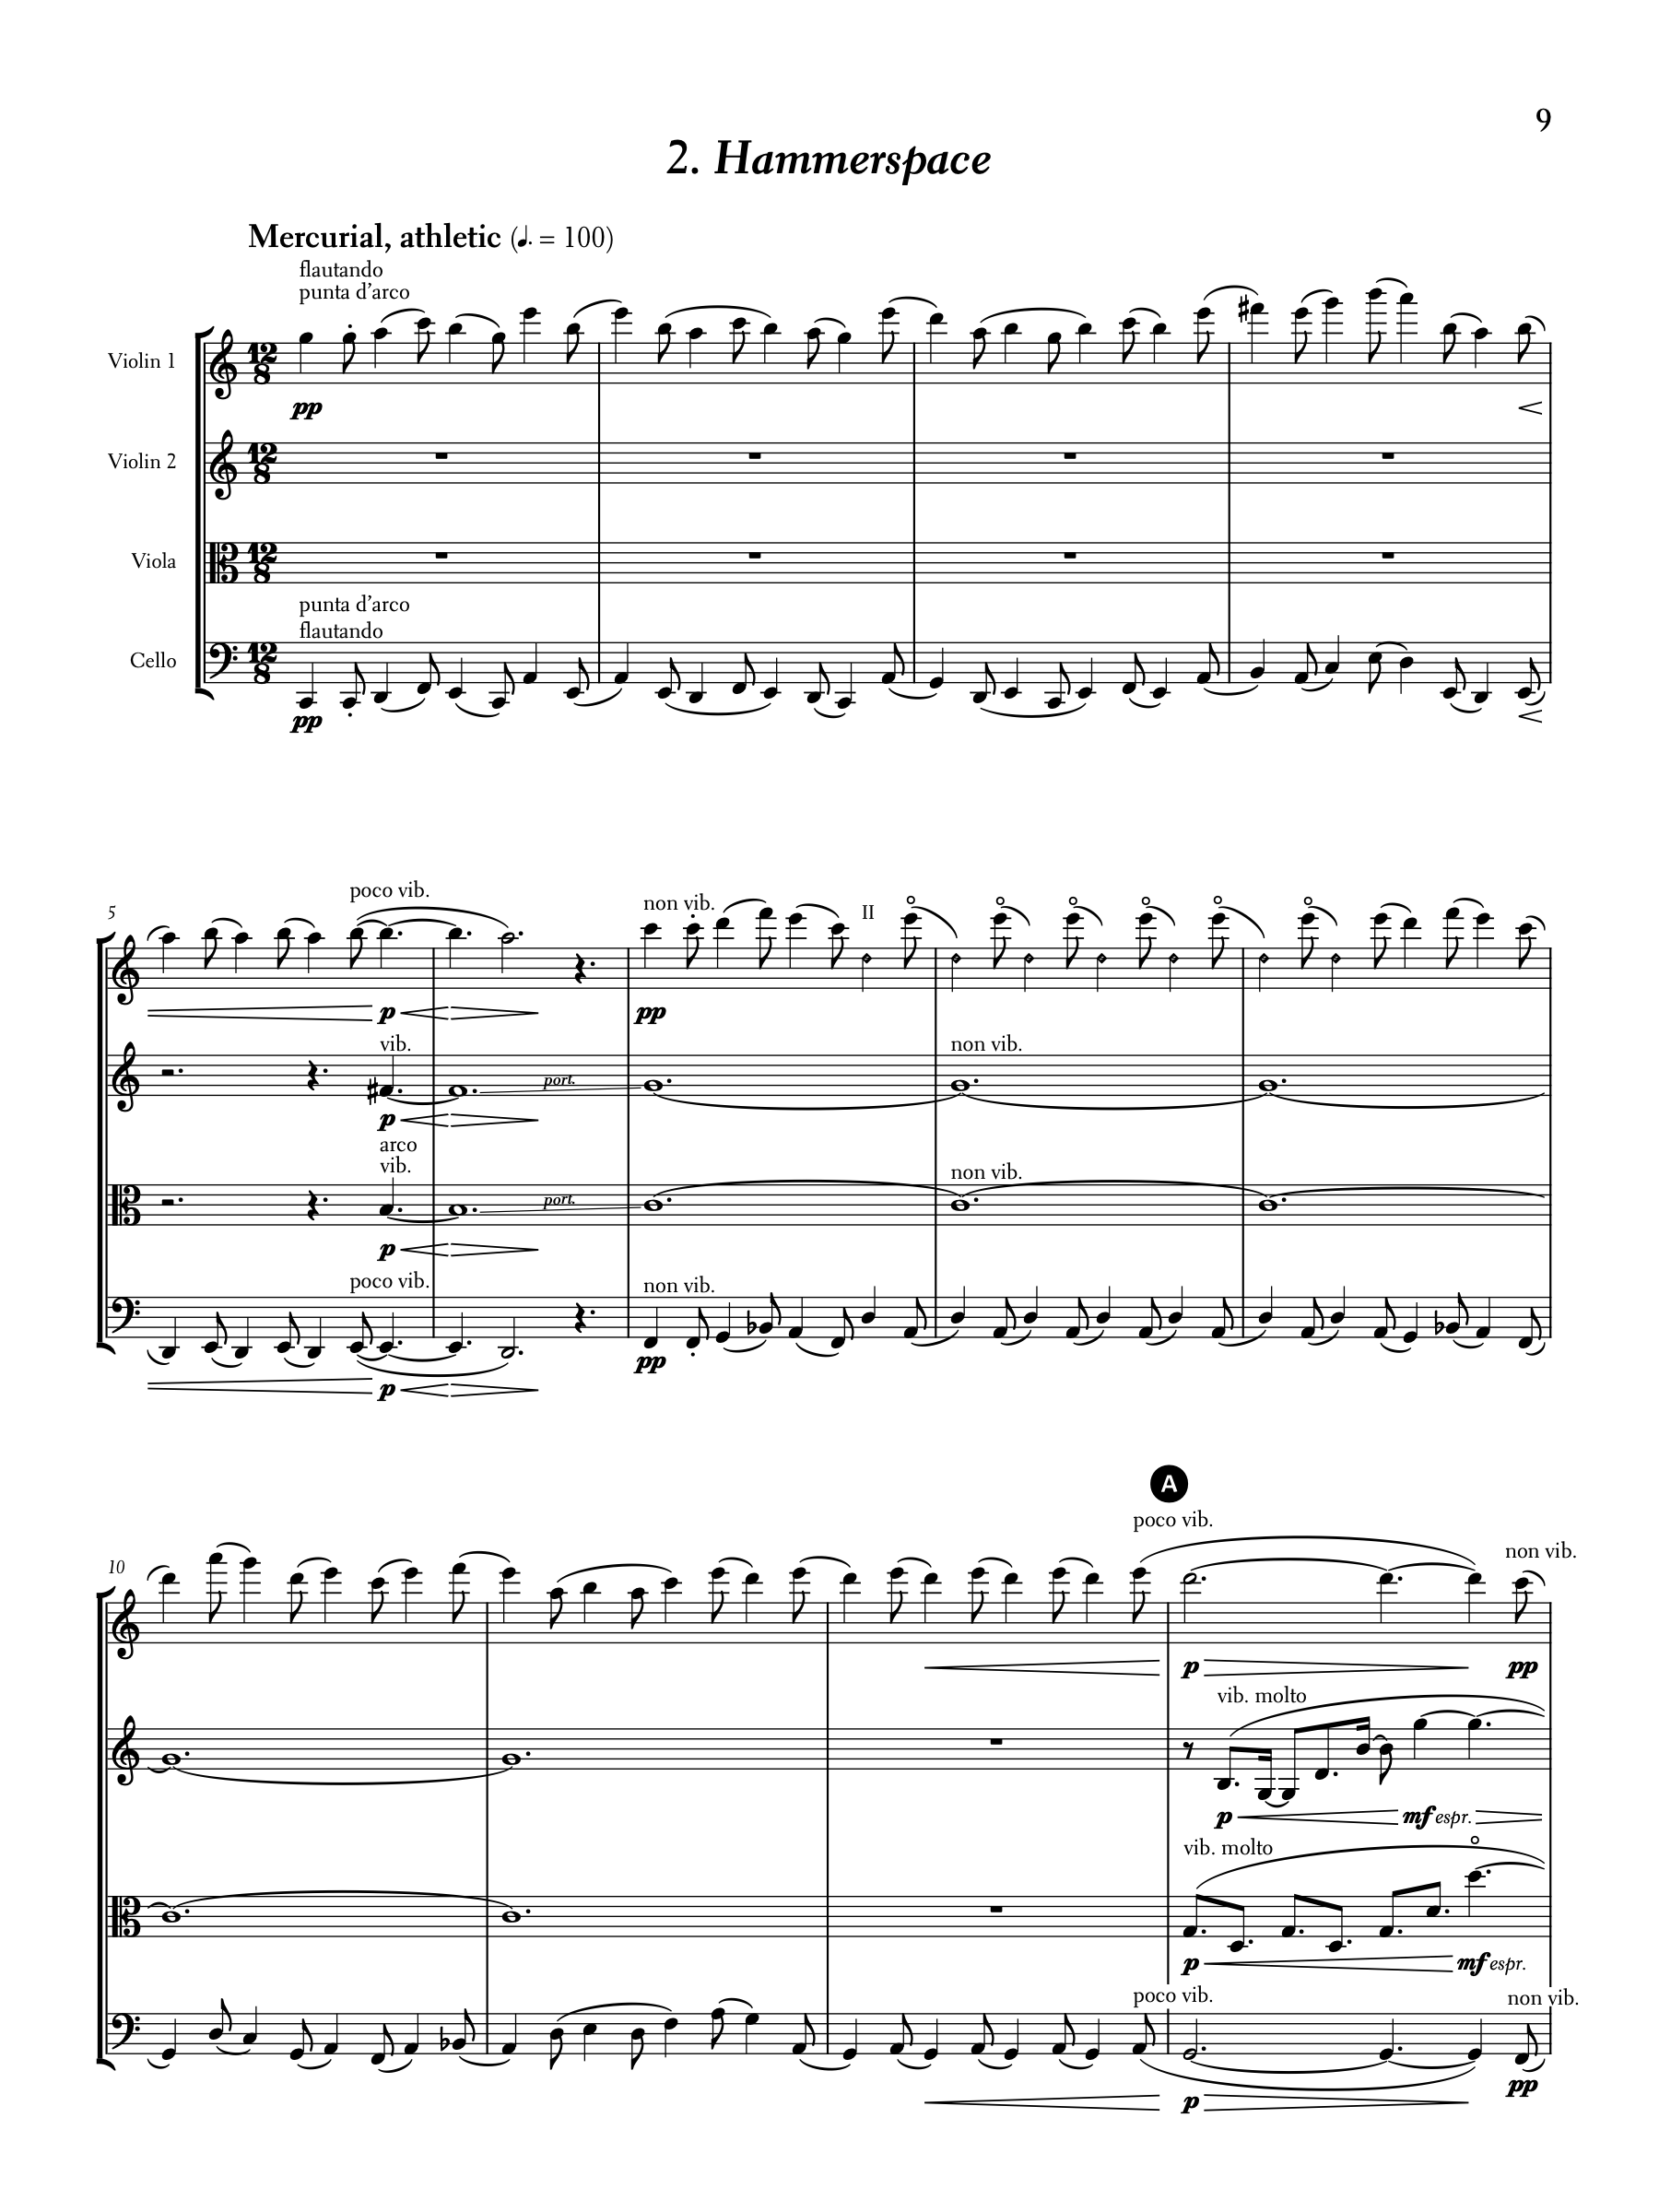 Piano Trio, p. 3